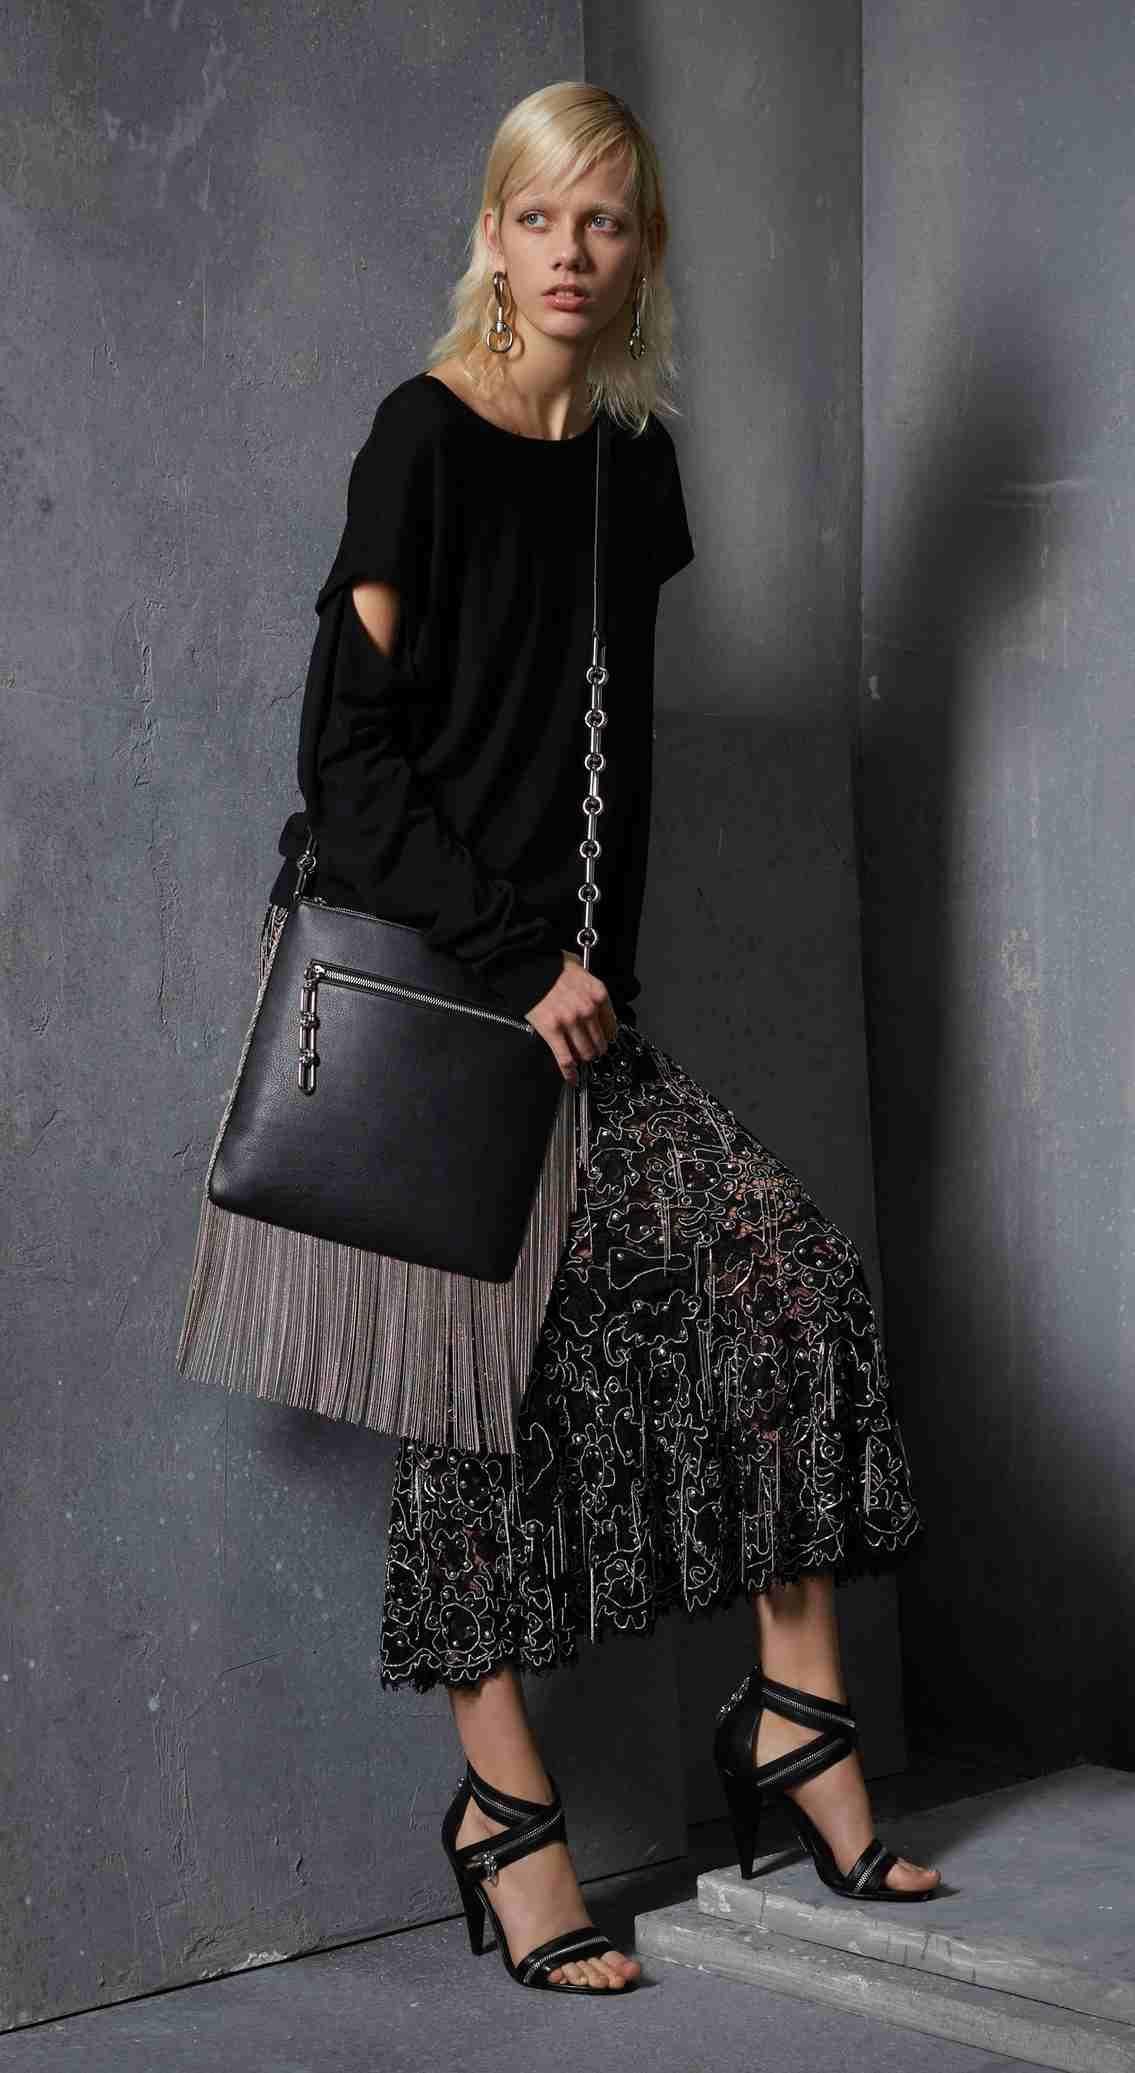 b0f2dcae93 Sac à main Michael Kors en 20 idées hyper fashion pour pimper votre look!